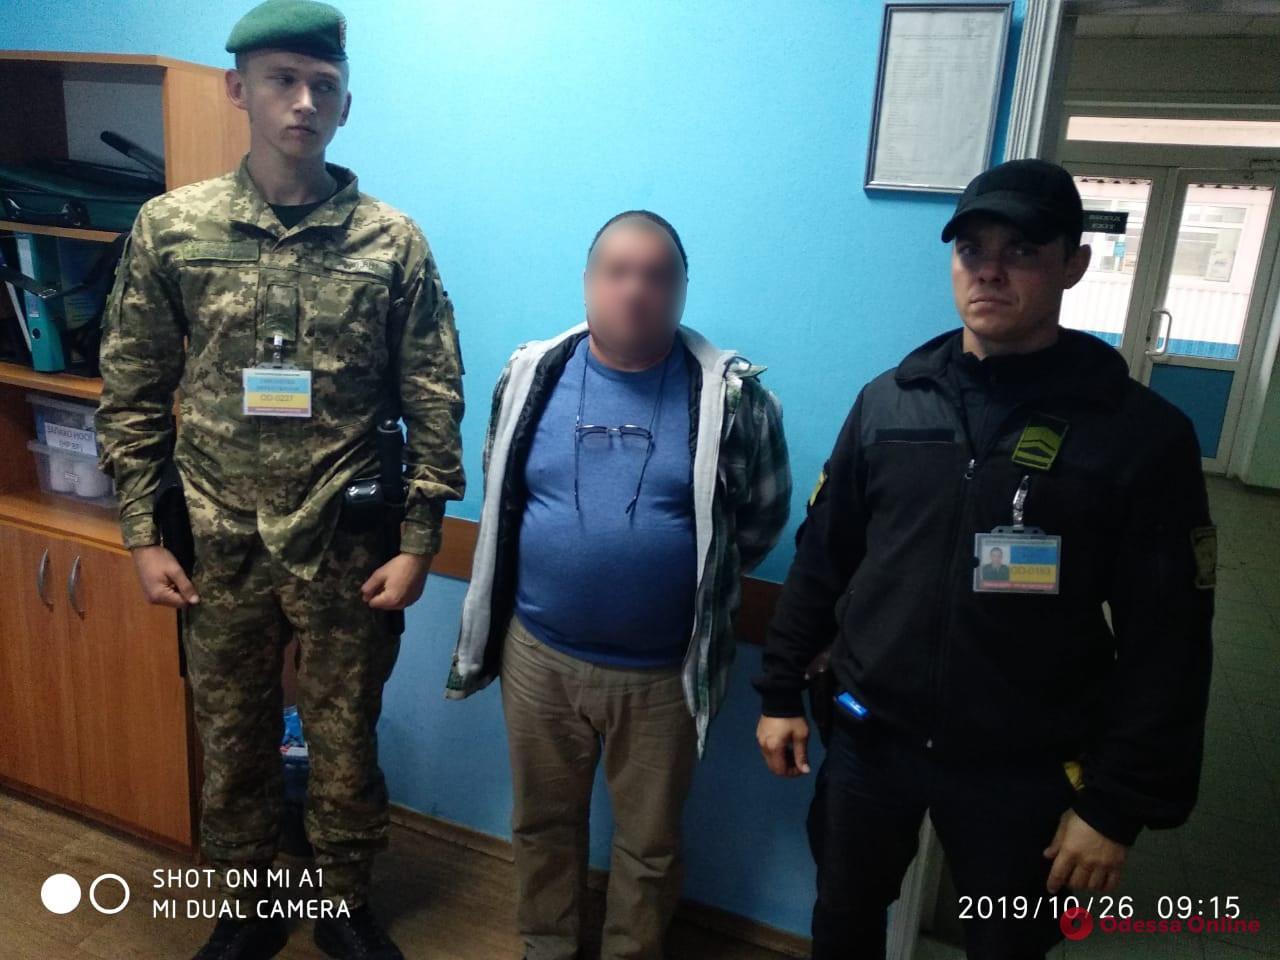 Разыскивался Интерполом: в Одесской области пограничники задержали молдаванина